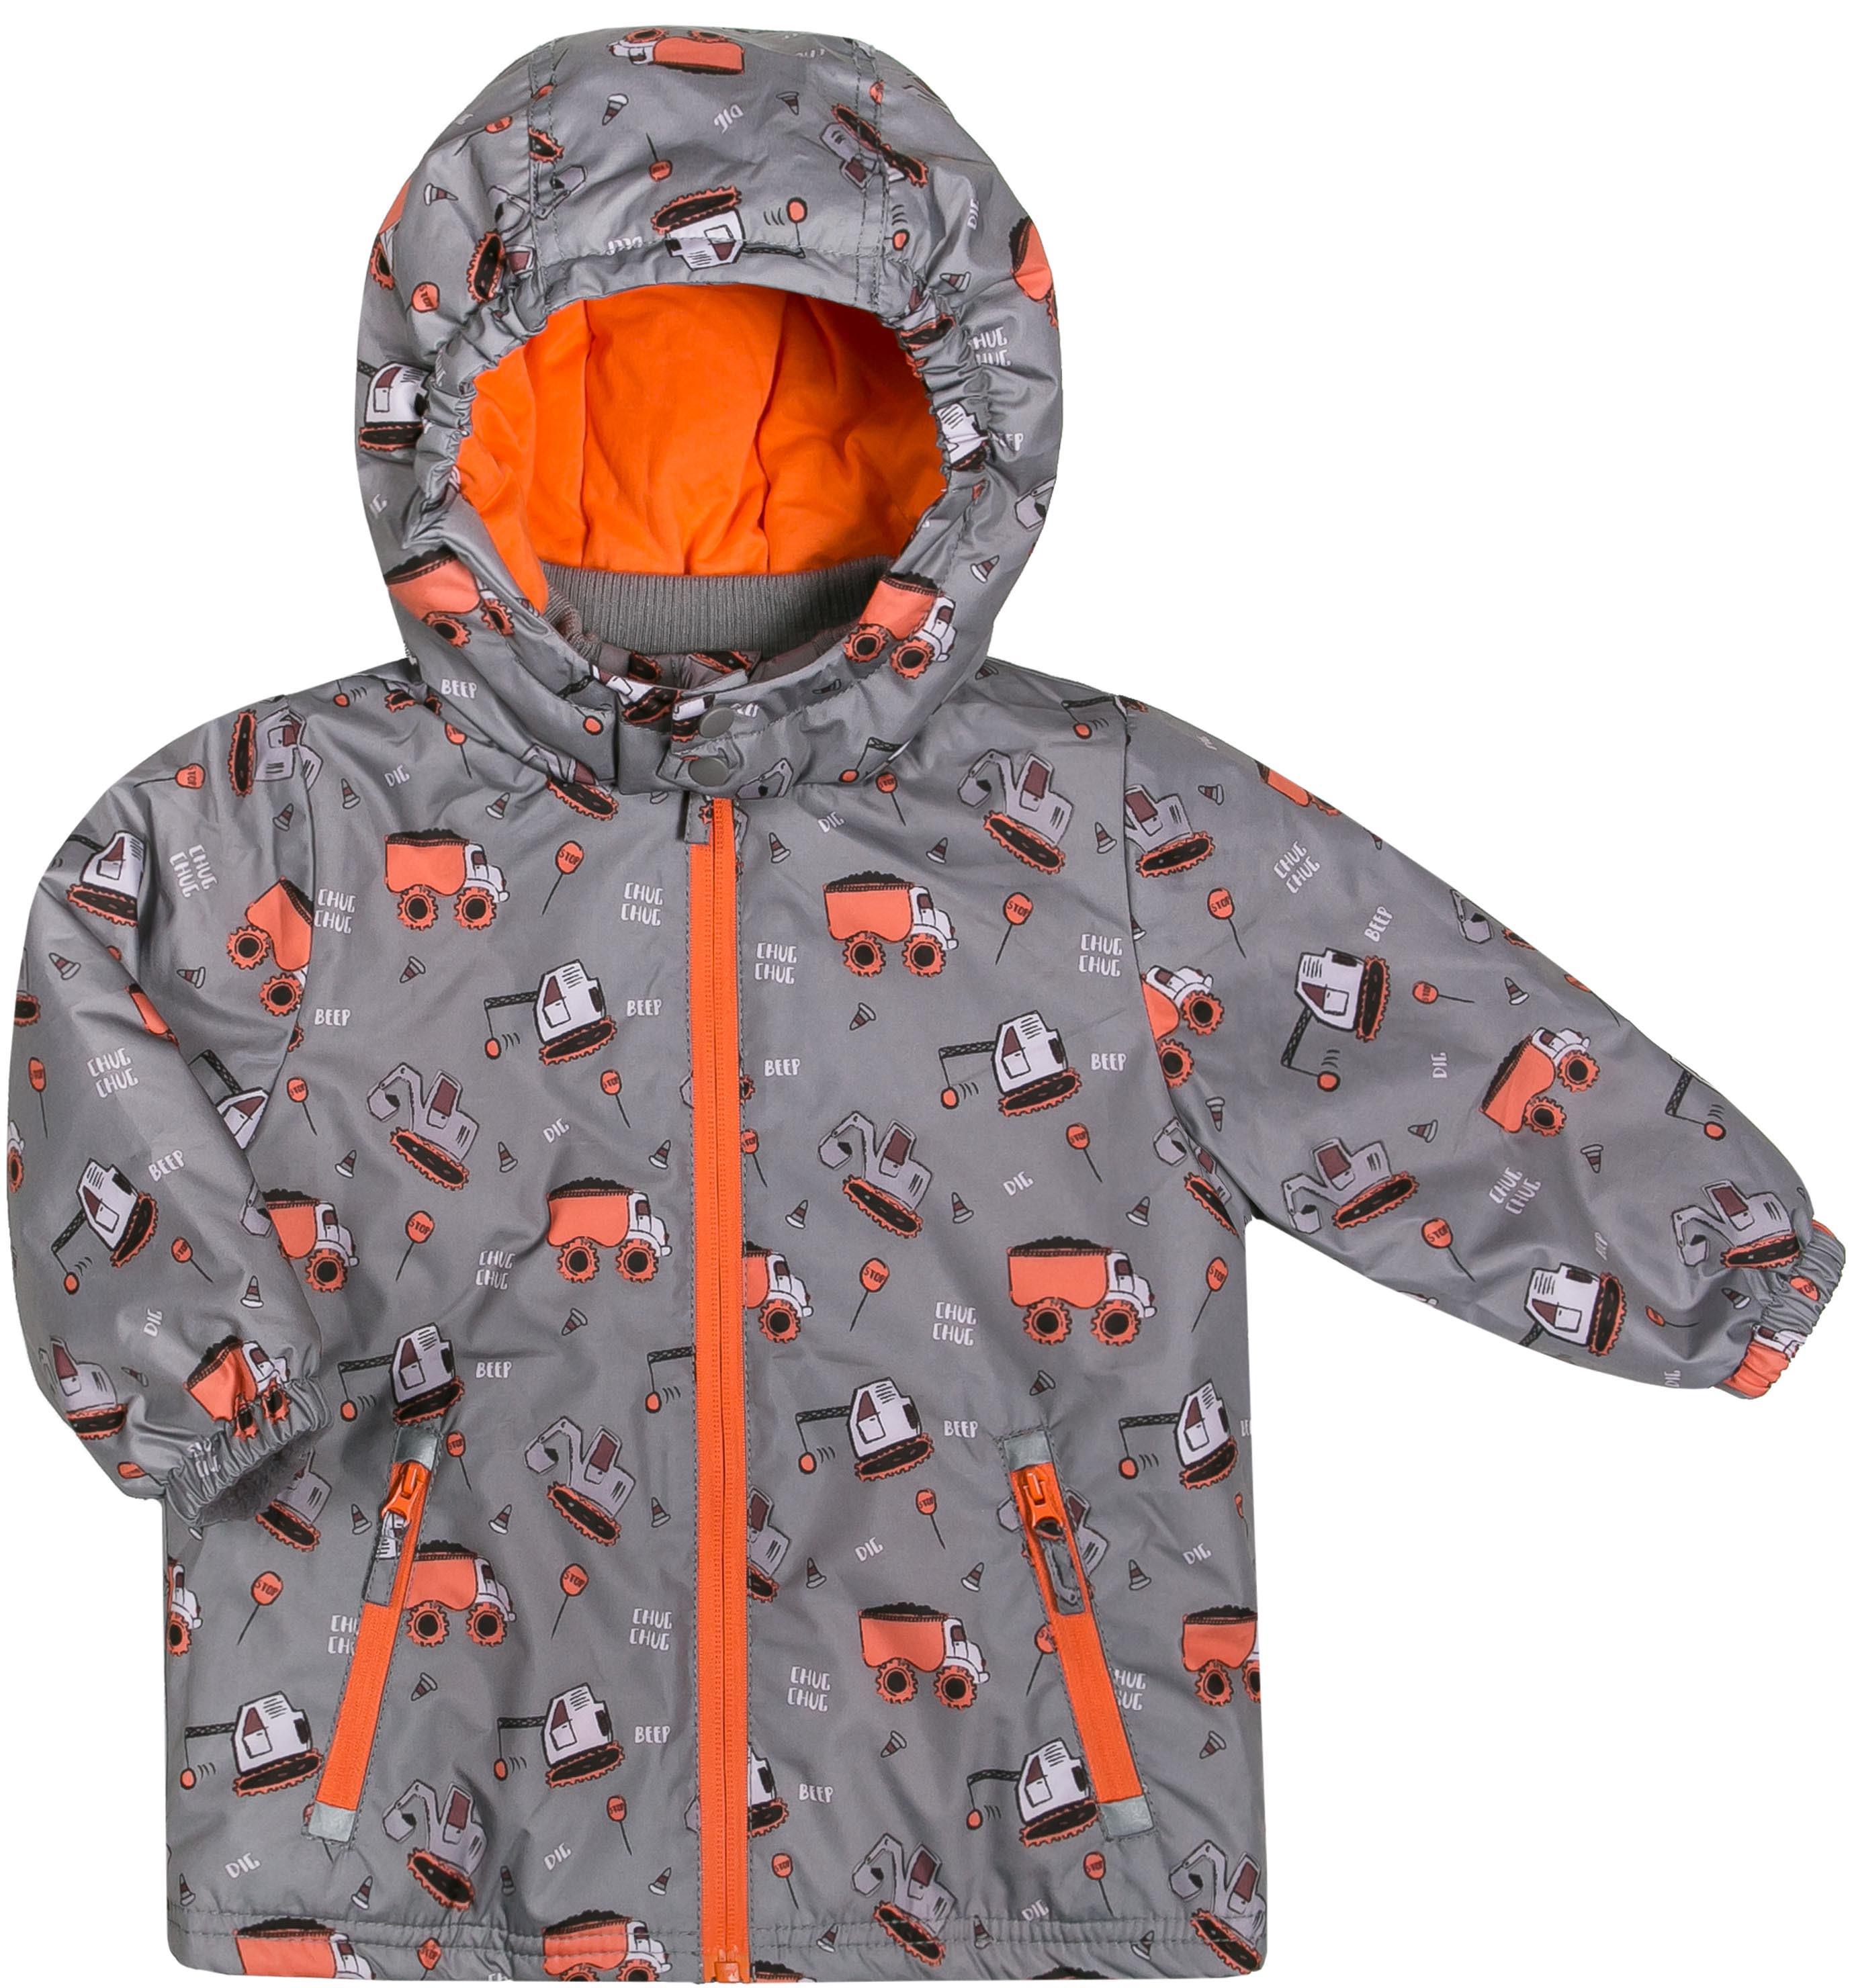 Куртки Barkito Куртка для мальчика Barkito, серая с рисунком «машинки»